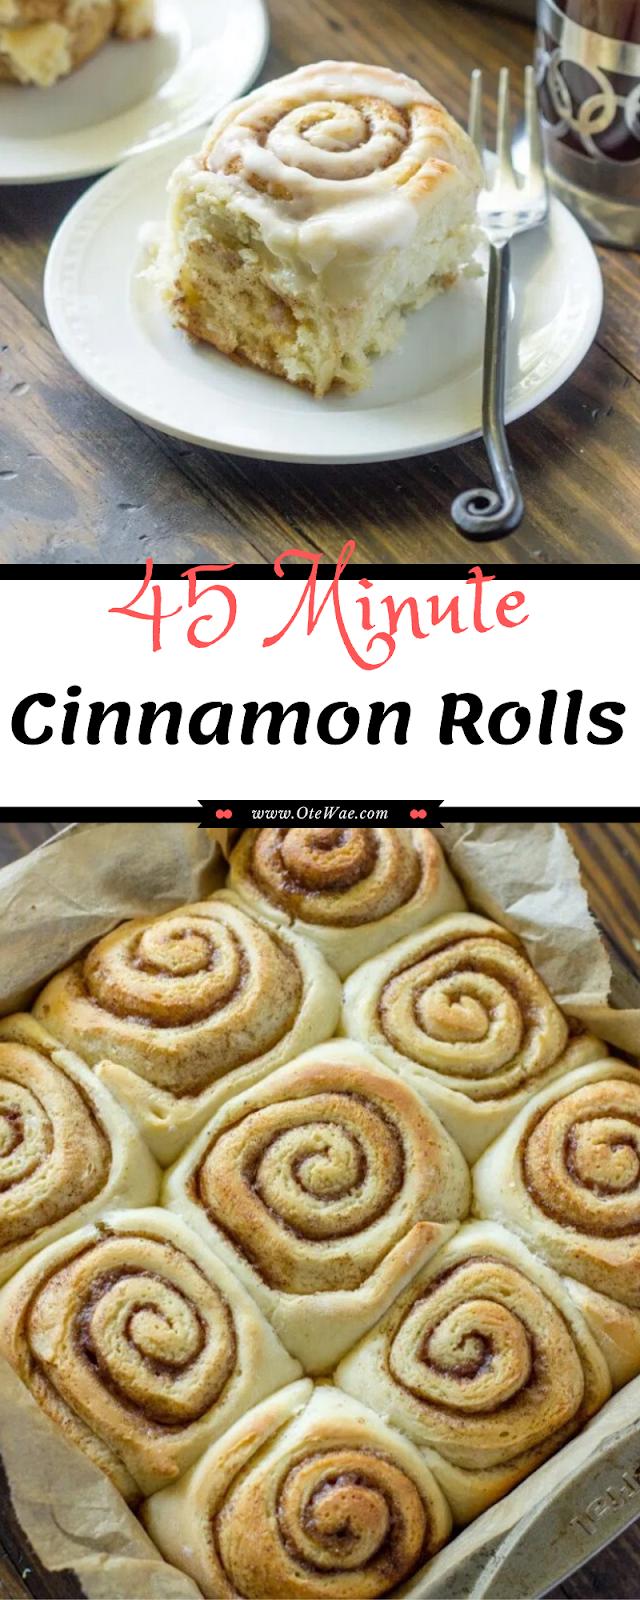 45 Minute Cinnamon Rolls